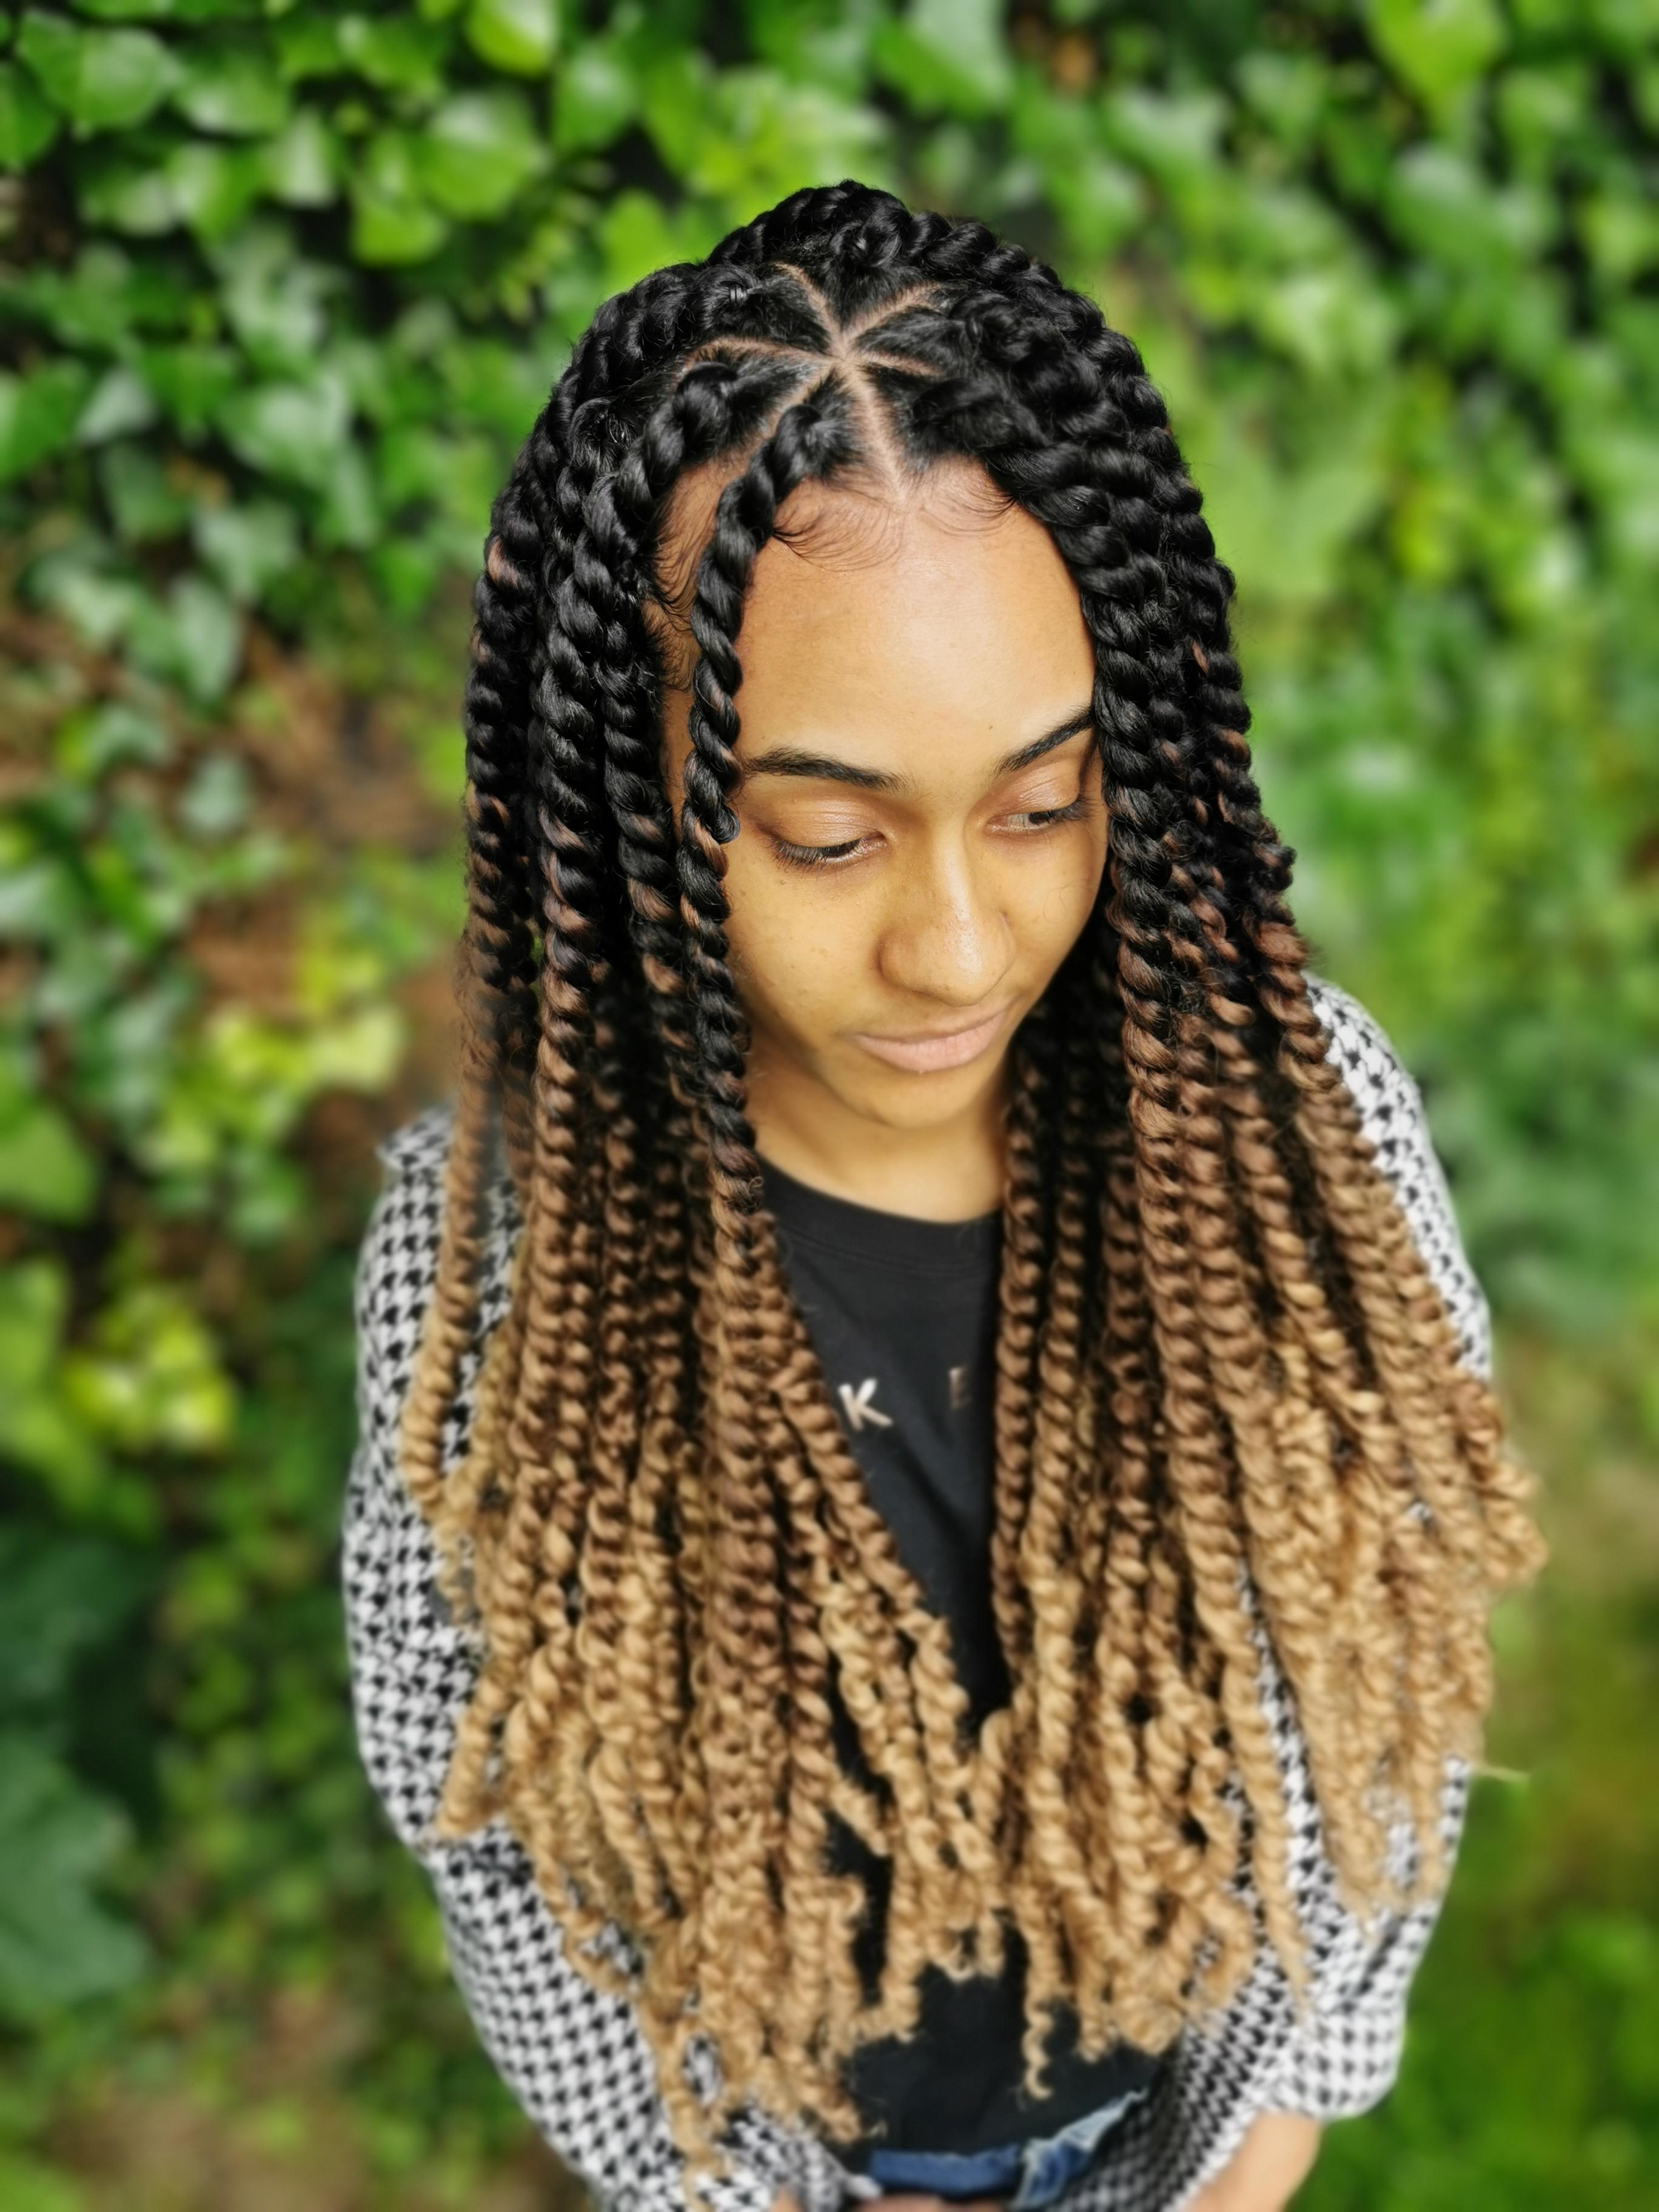 salon de coiffure afro tresse tresses box braids crochet braids vanilles tissages paris 75 77 78 91 92 93 94 95 KCMYWSZG